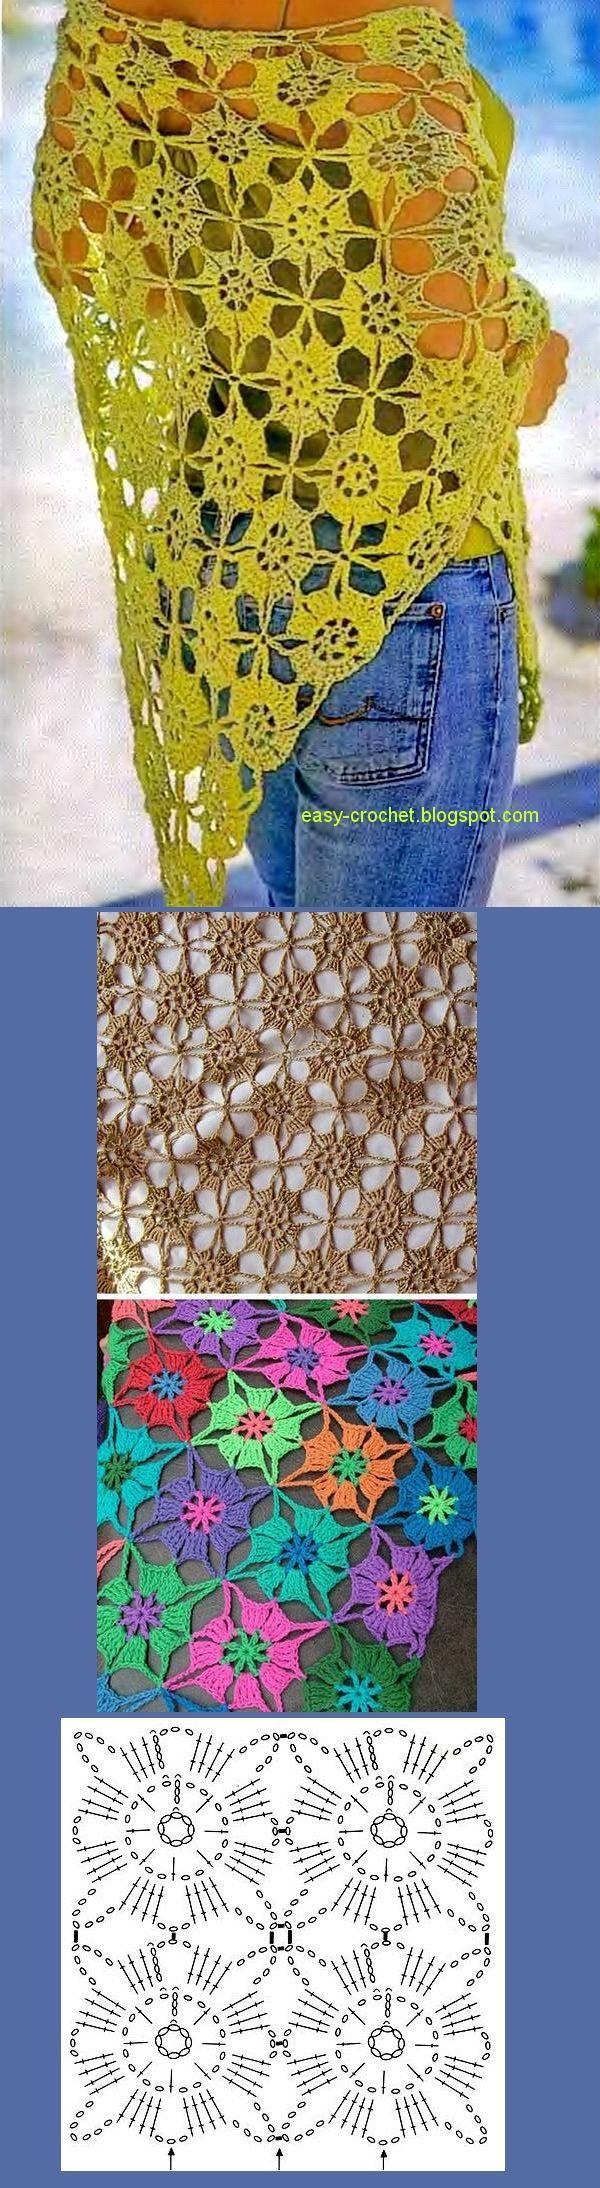 Stylish Crochet Fácil. Crochet Xale Padrão Grátis - Elegante E Fácil